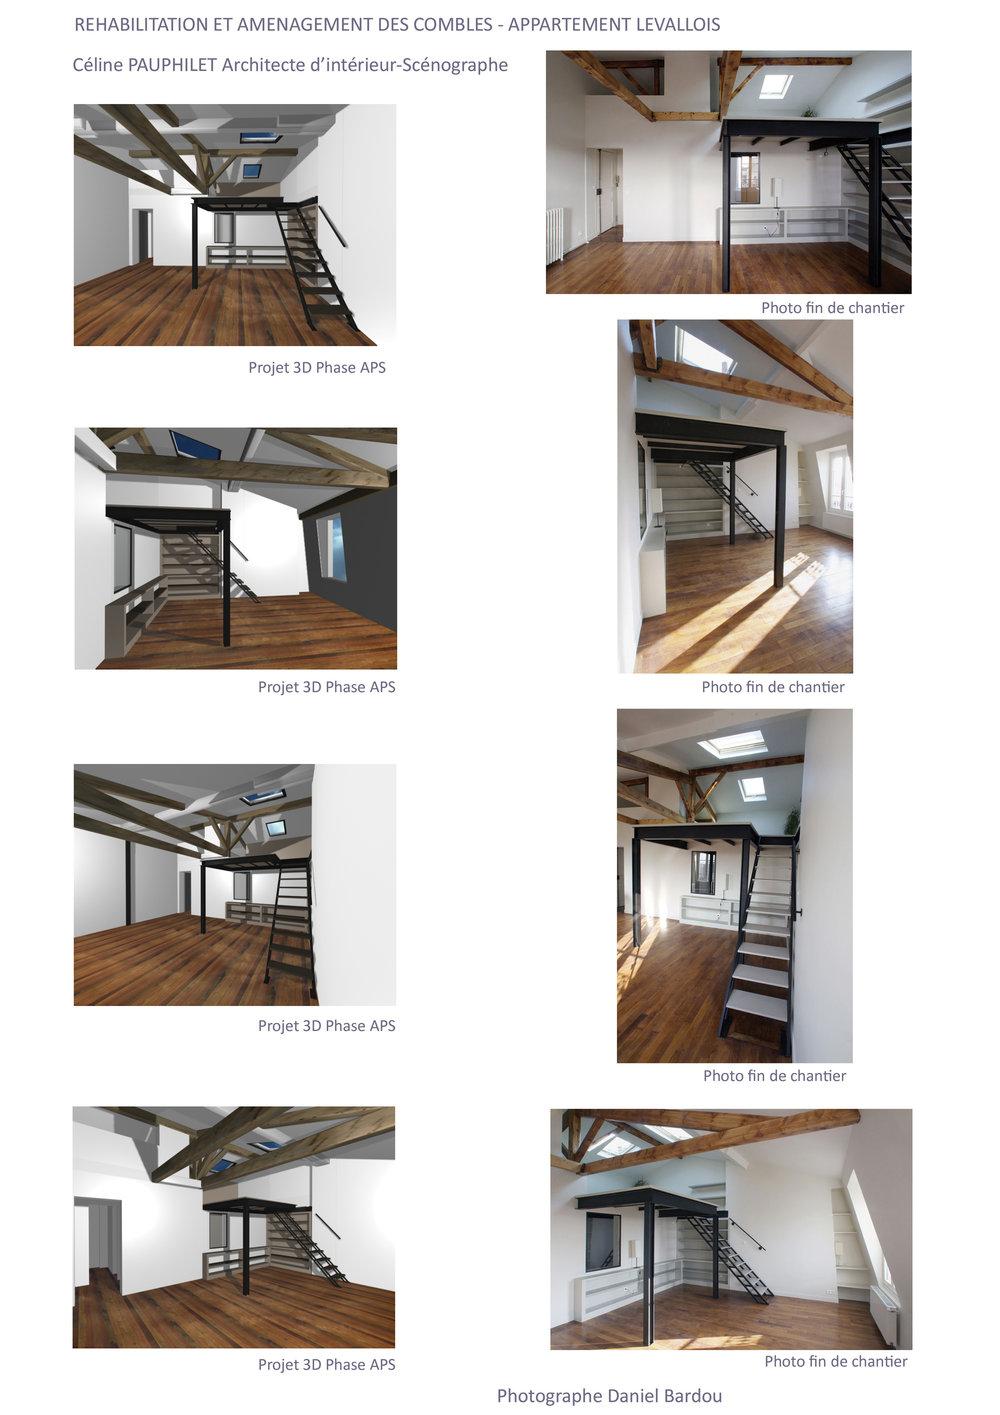 Book Architecte D Intérieur architecte d'intérieur-scénographe-muséographe portfolio